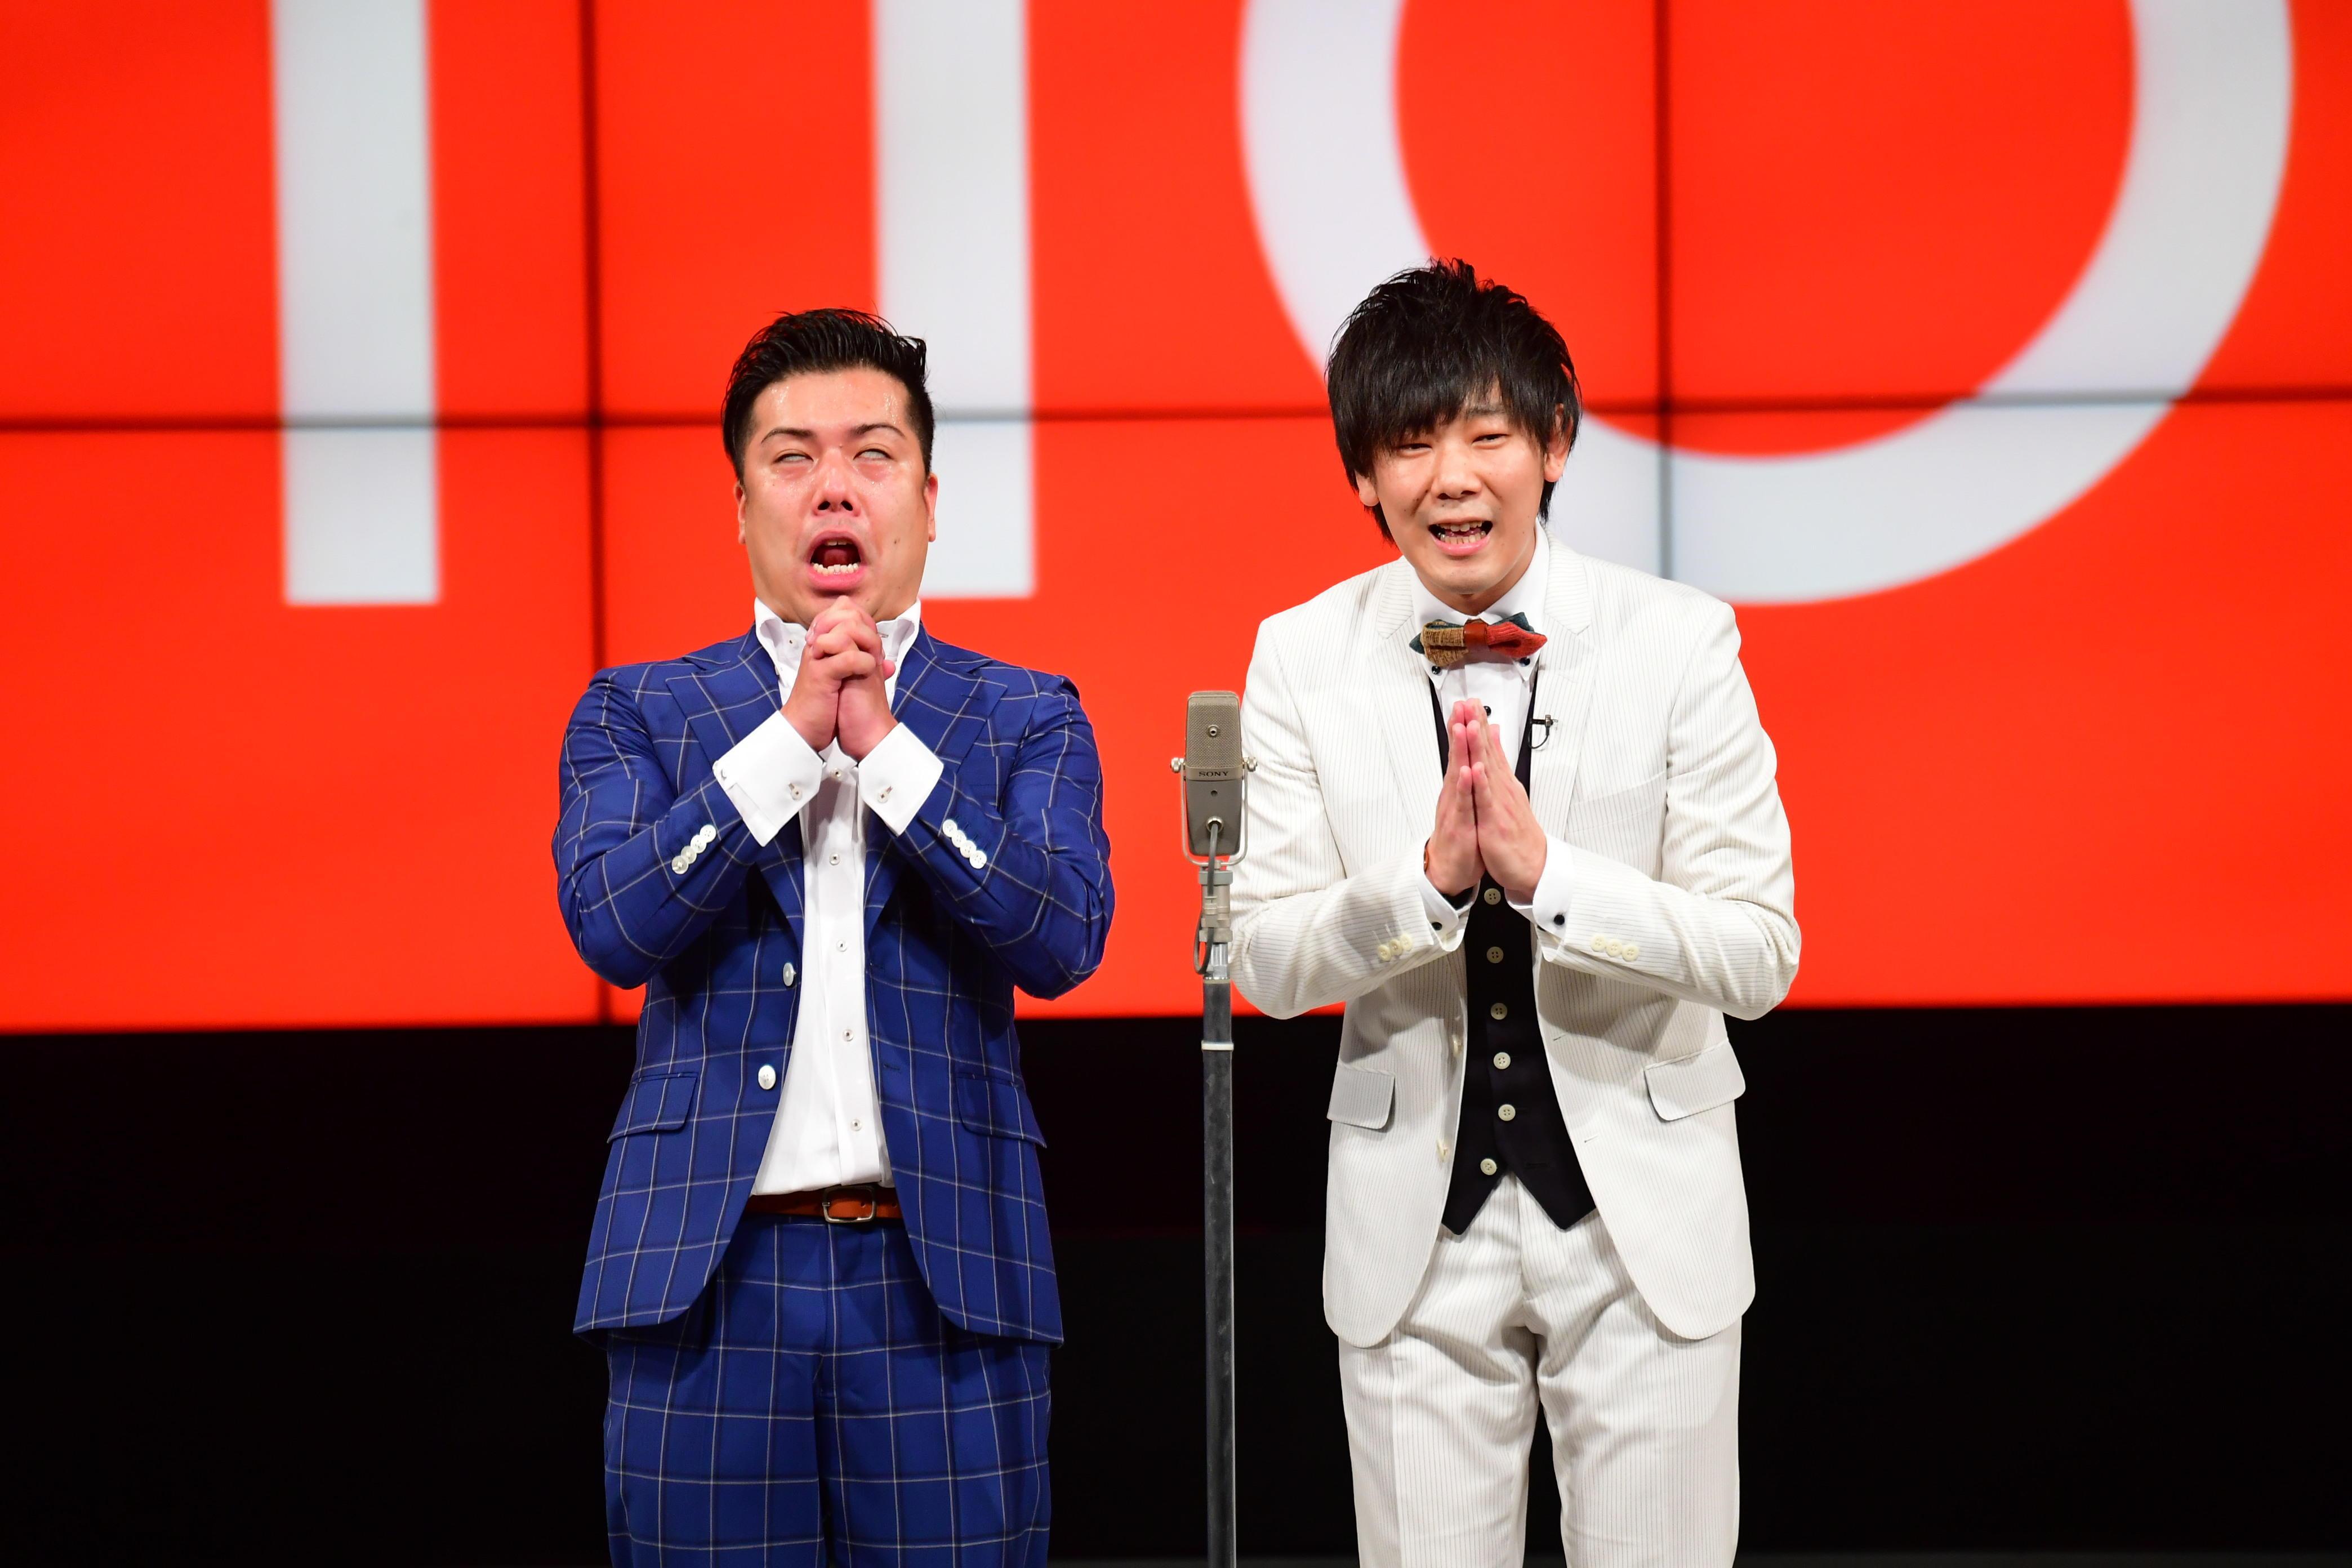 http://news.yoshimoto.co.jp/20190128185333-c6c7df43147a924ef7ca36e11eaf302a7d4c6dcf.jpg